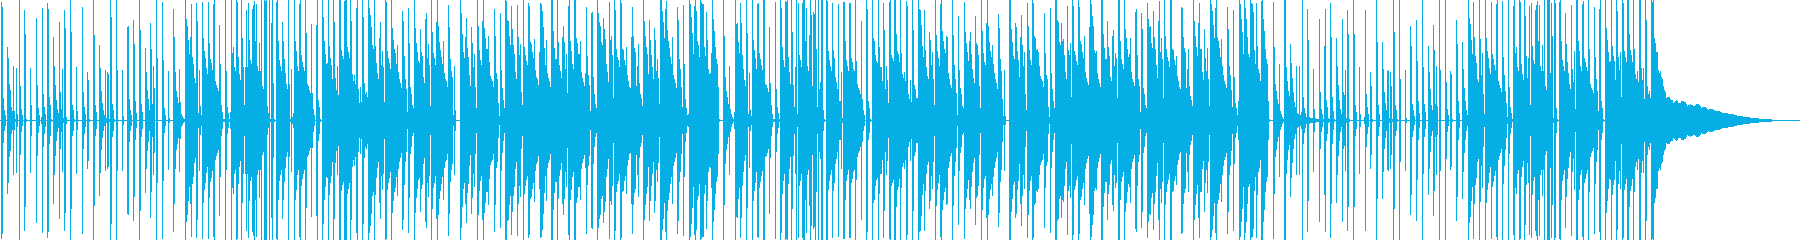 【キッズ動画向け】ほのぼの楽しいポップスの再生済みの波形